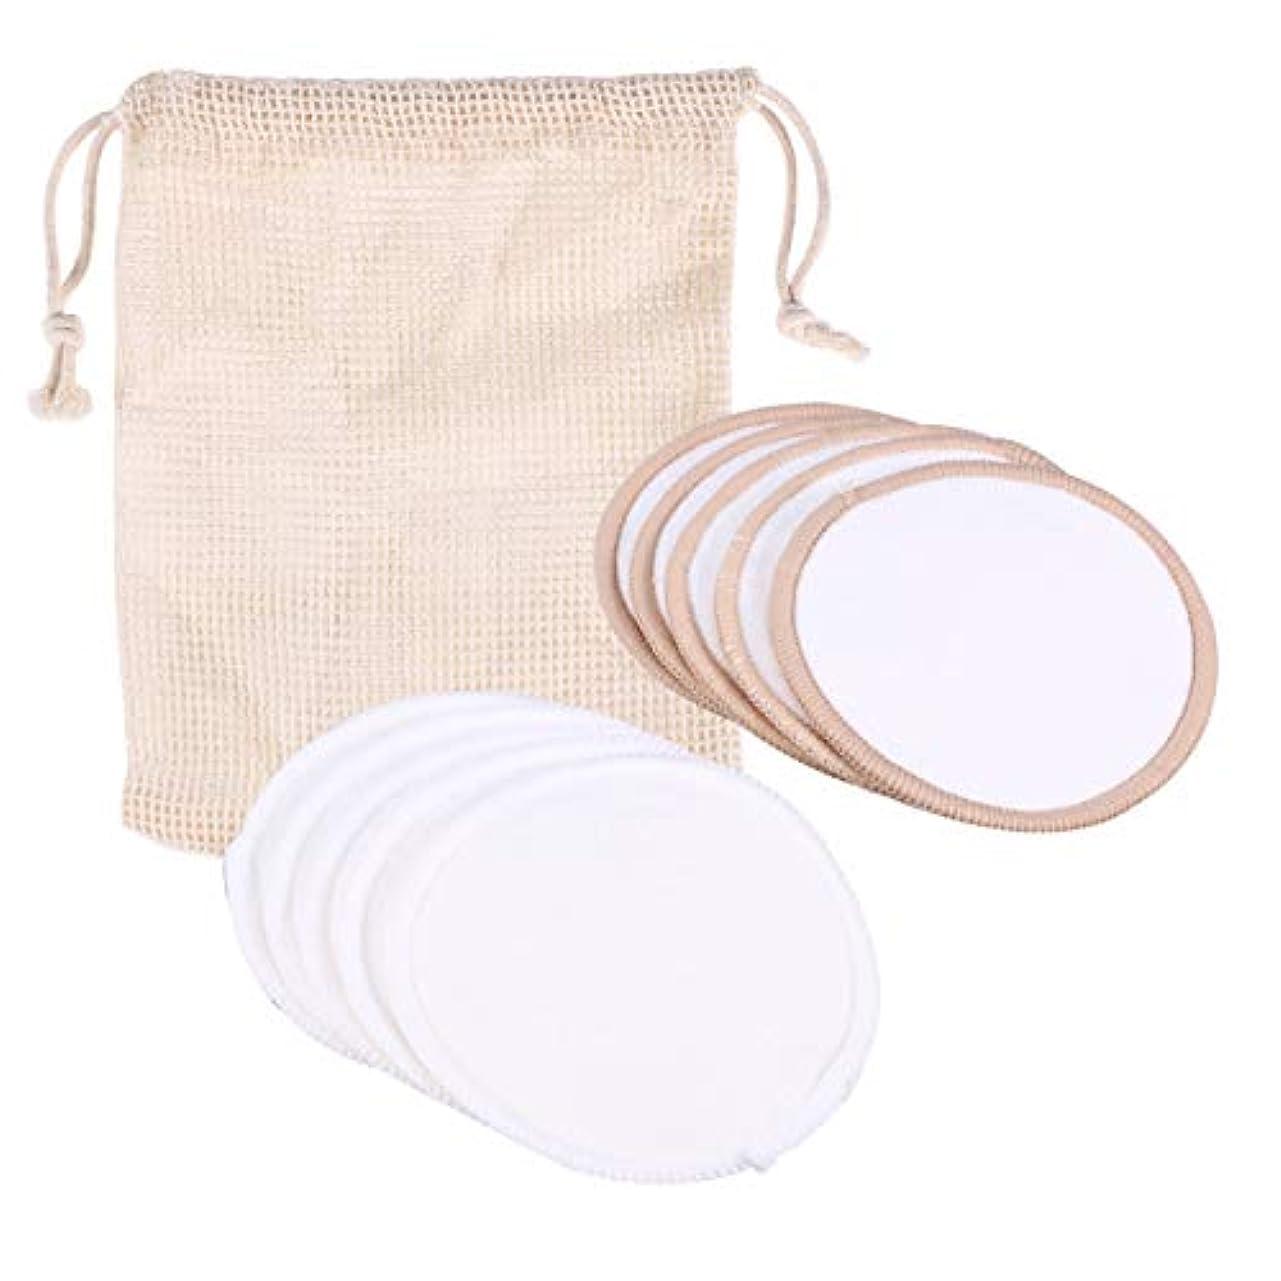 腸生産的アサーLurrose 10ピースメイクリムーバーパッド洗える再利用可能なラウンドパッド顔目リップメイククリーニング